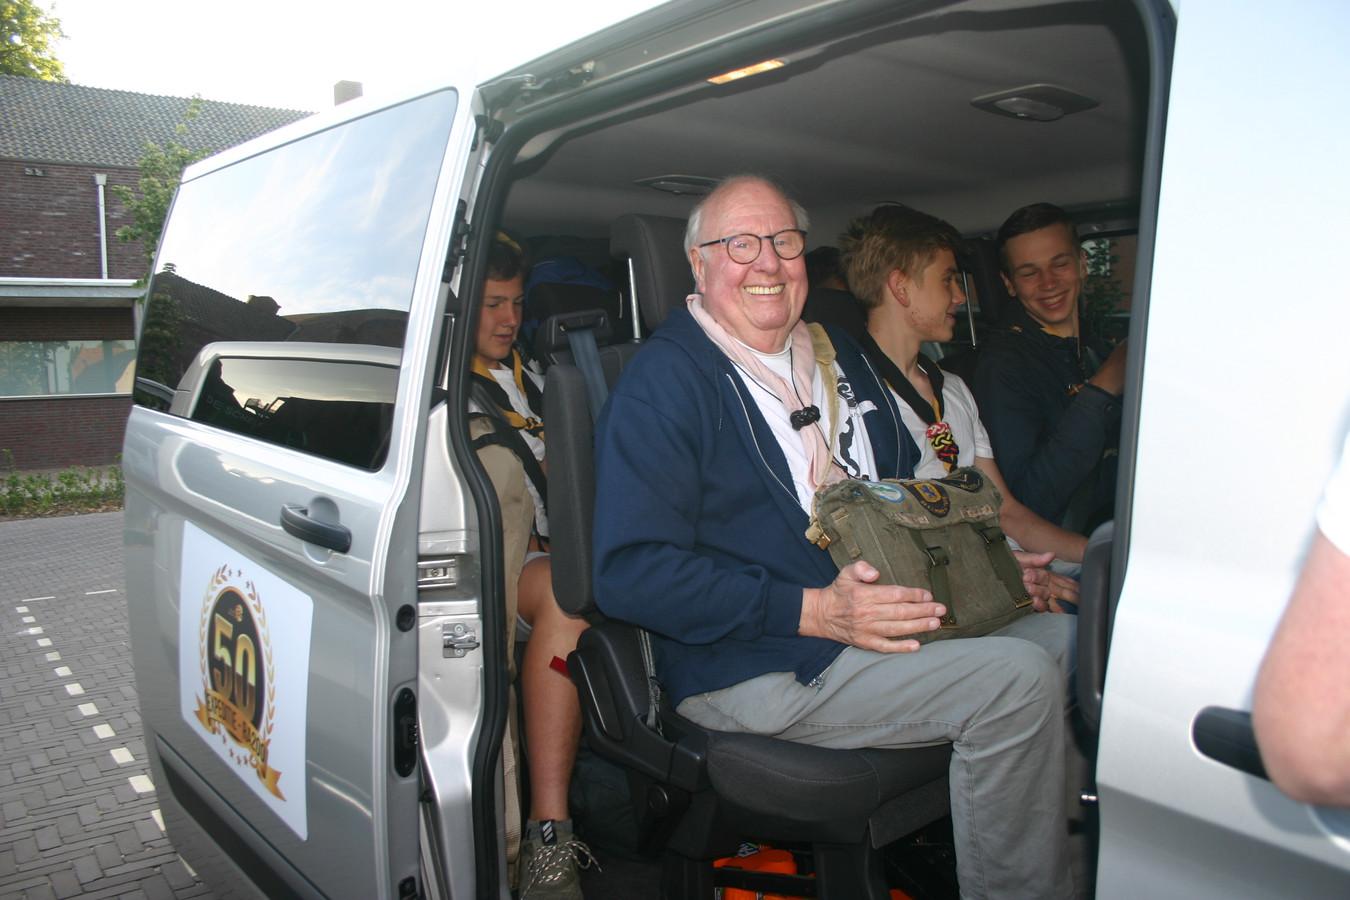 Hein van den Berg vertrekt voor de 50ste en laatste keer met zijn Rowans op kamp in Duitsland.